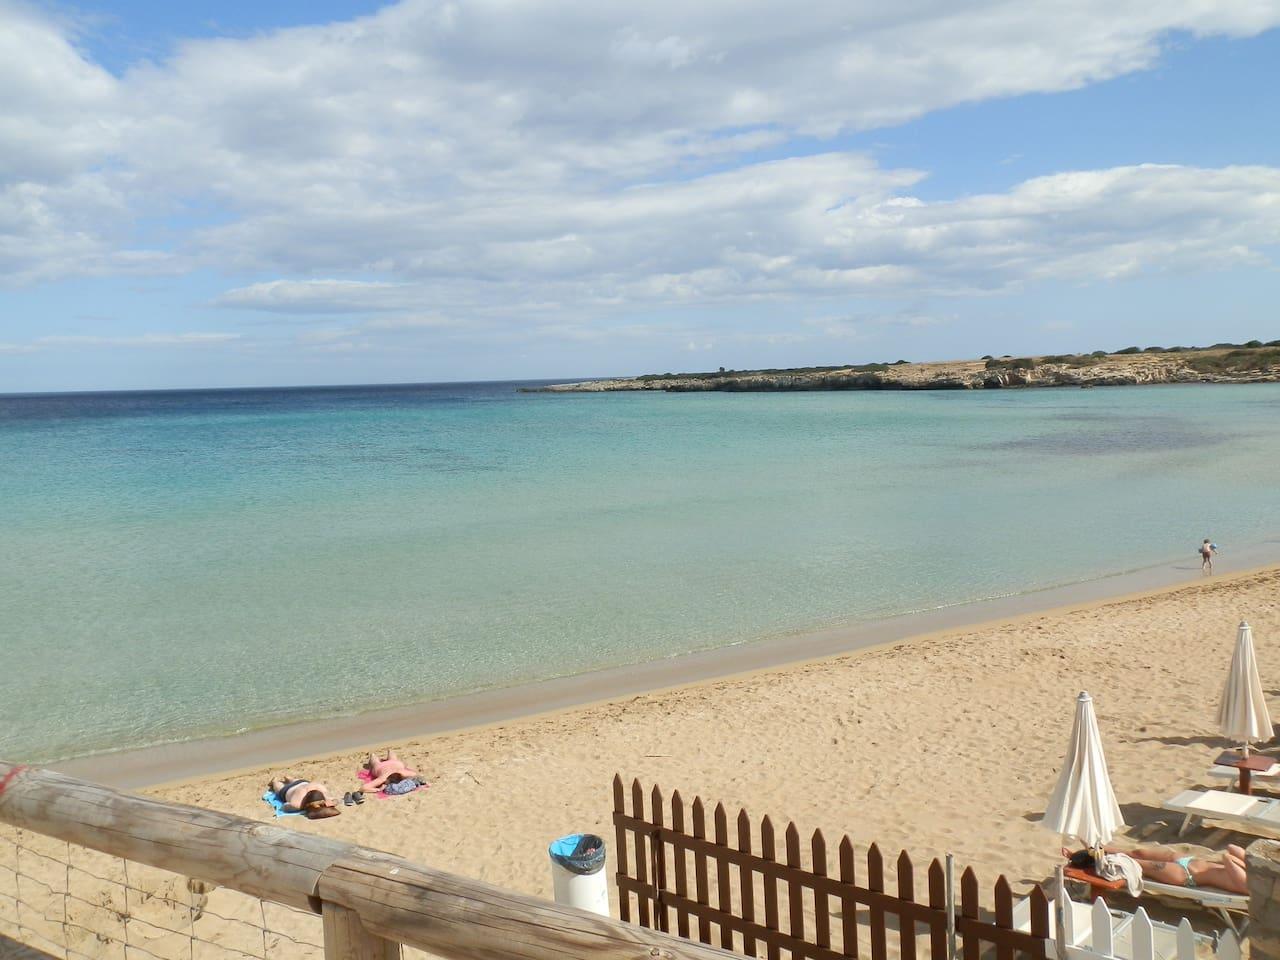 la spiaggia Arenella a 1500 metri dall alloggio. Siracusa centro a 6 km autobus di linea